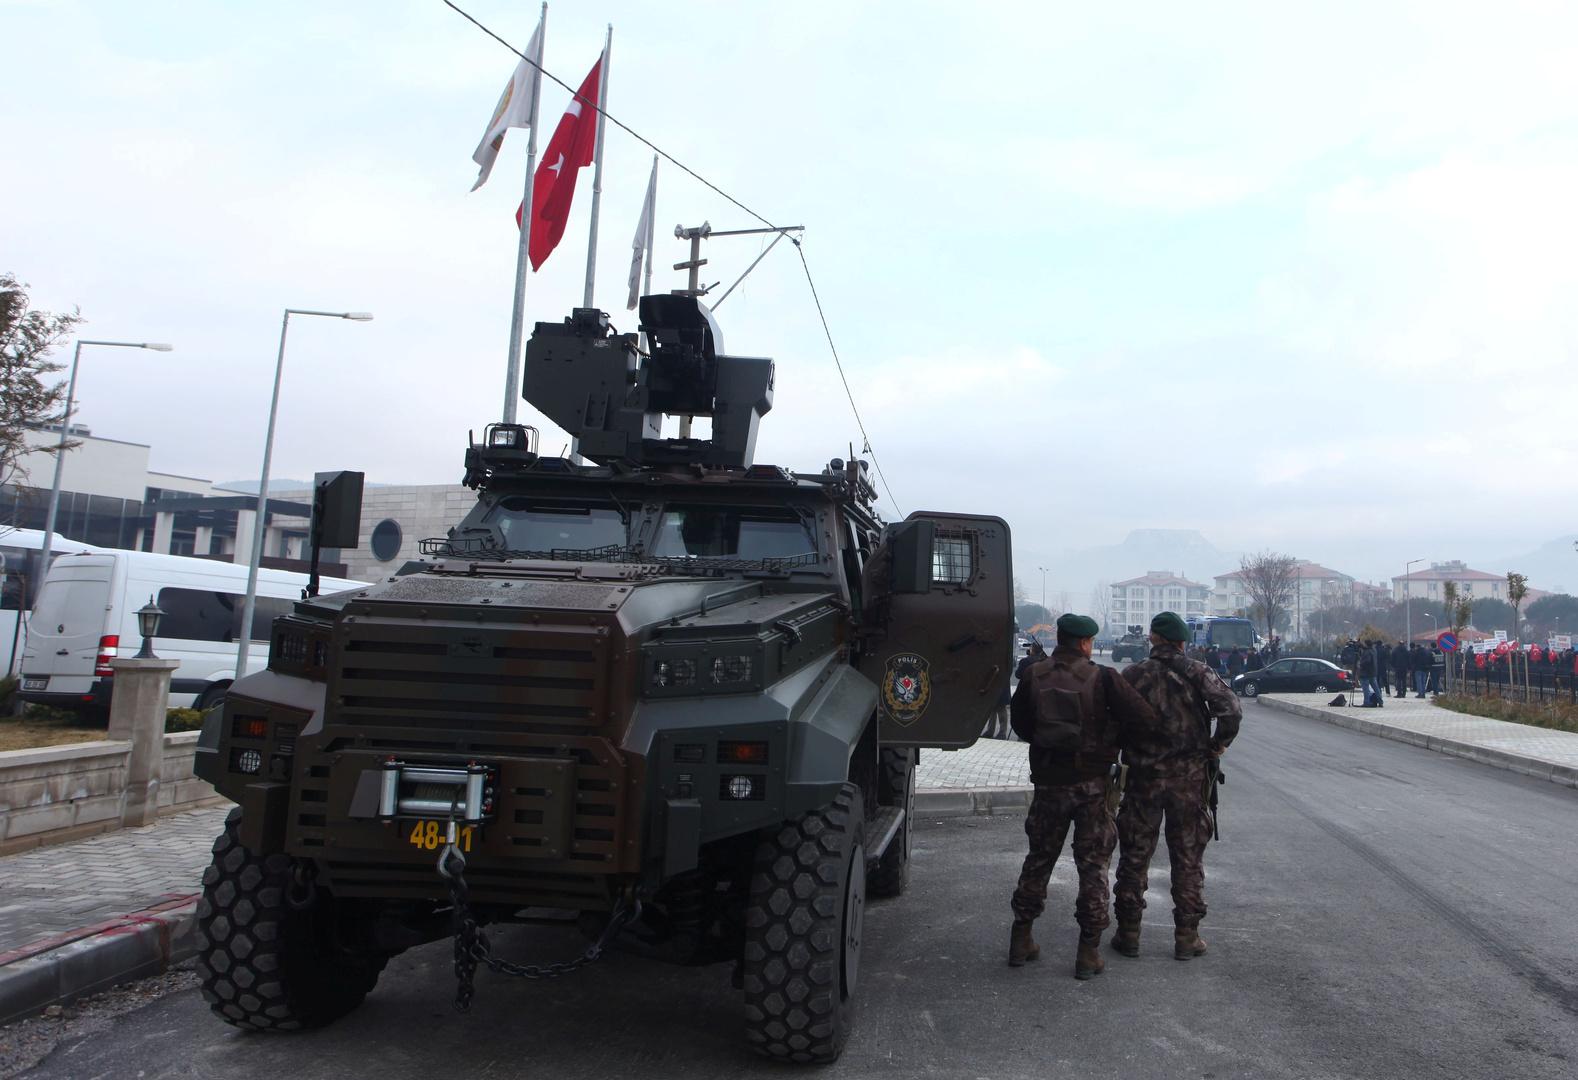 تركيا تأمر باحتجاز أكثر من 80 عسكريا في عملية تستهدف أنصار غولن